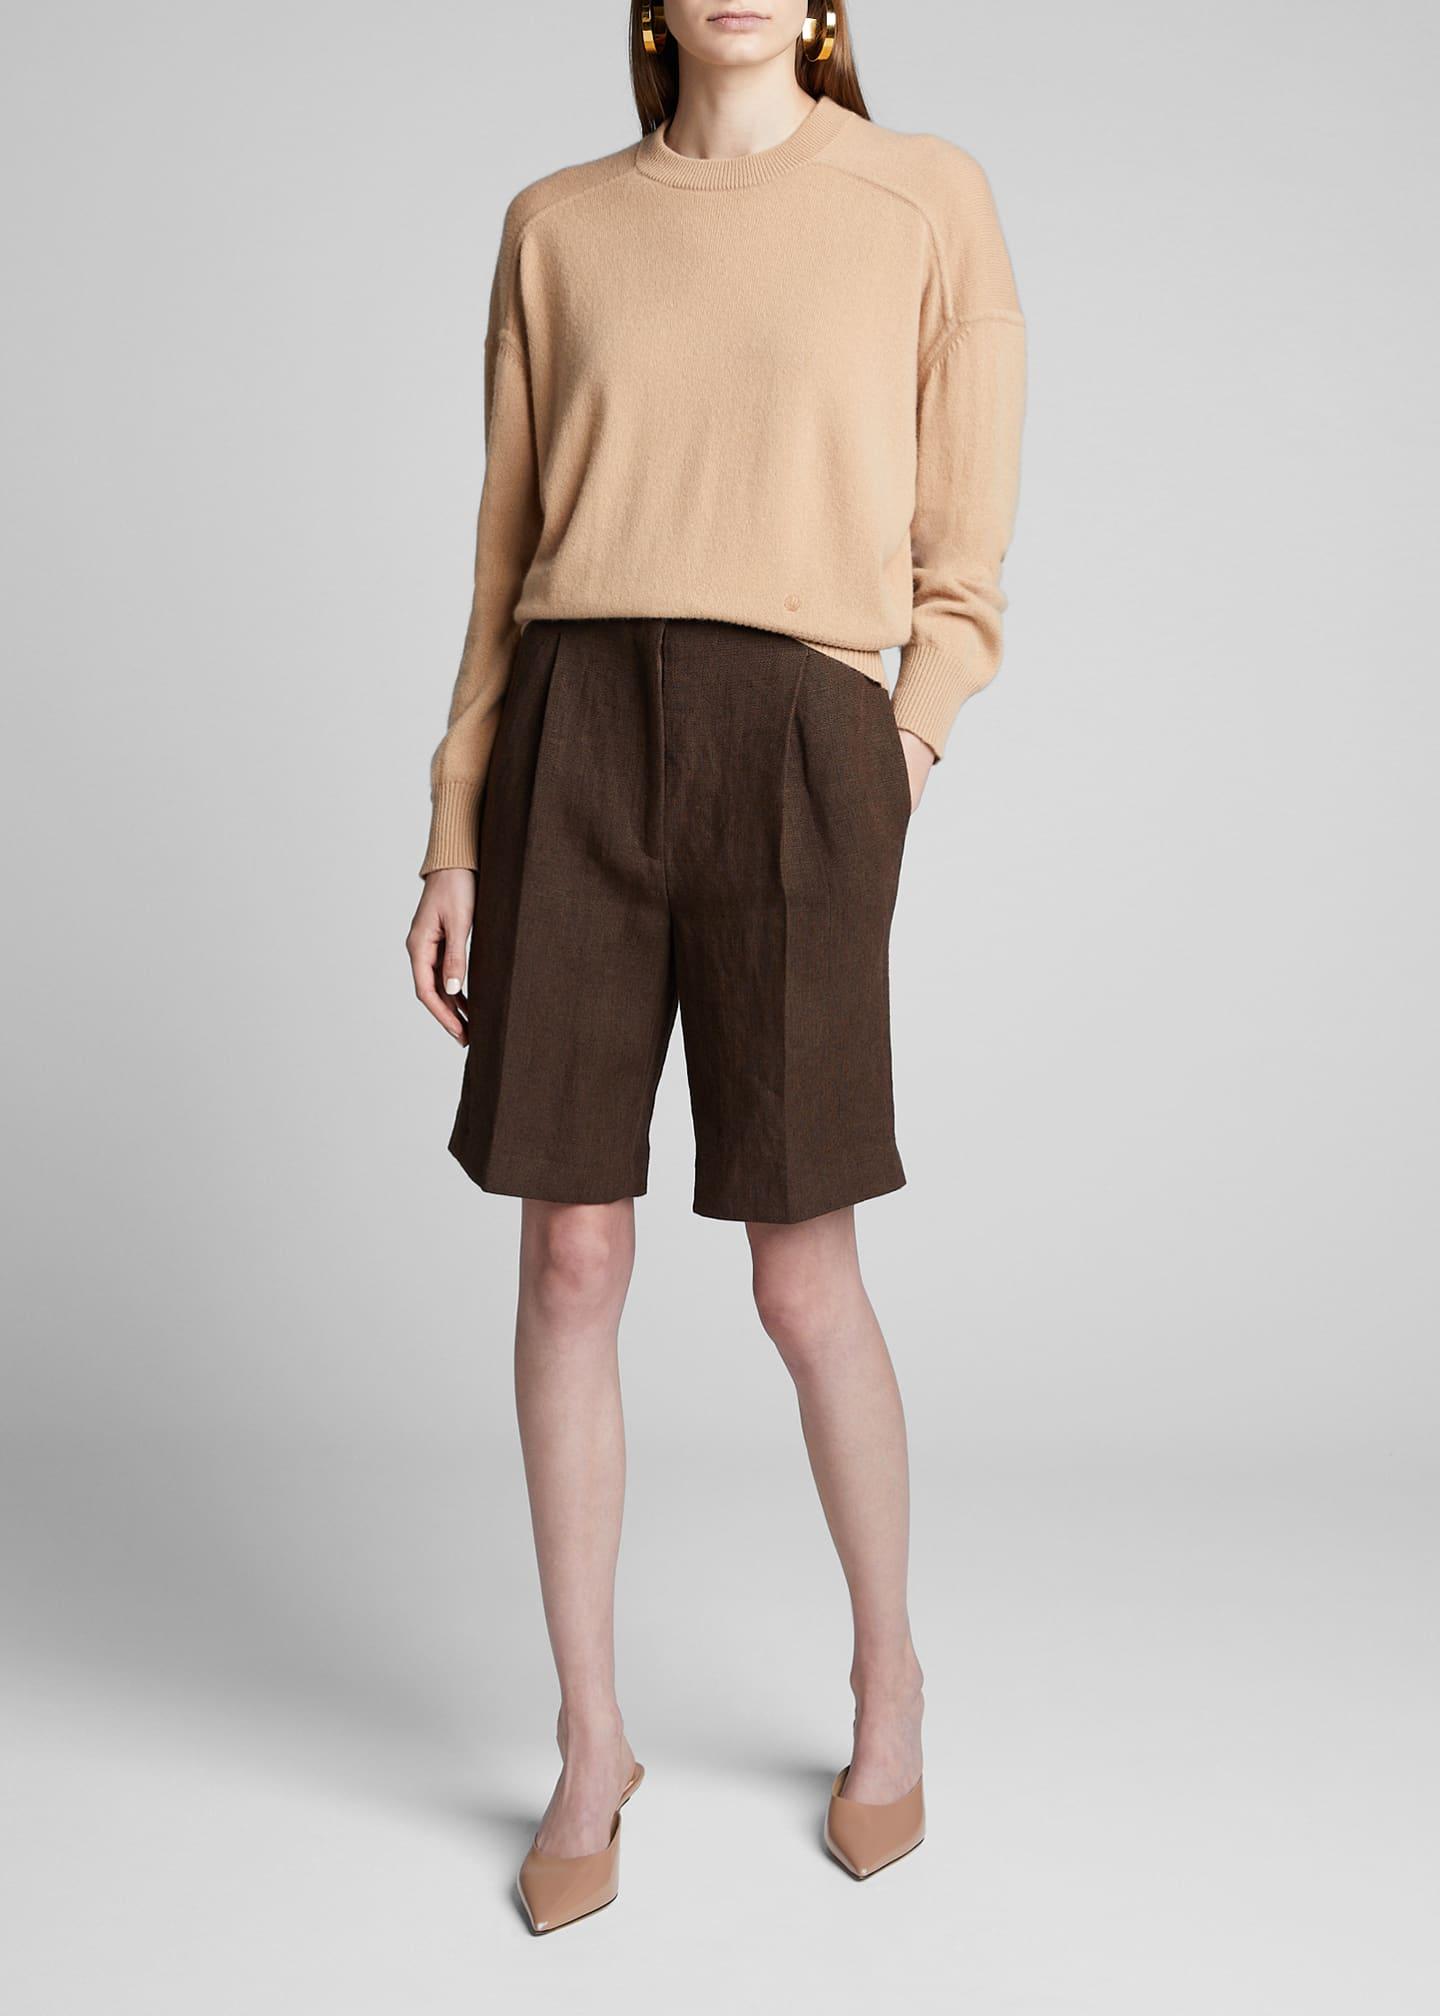 Loulou Studio Arutua Cashmere Boyfriend Sweater